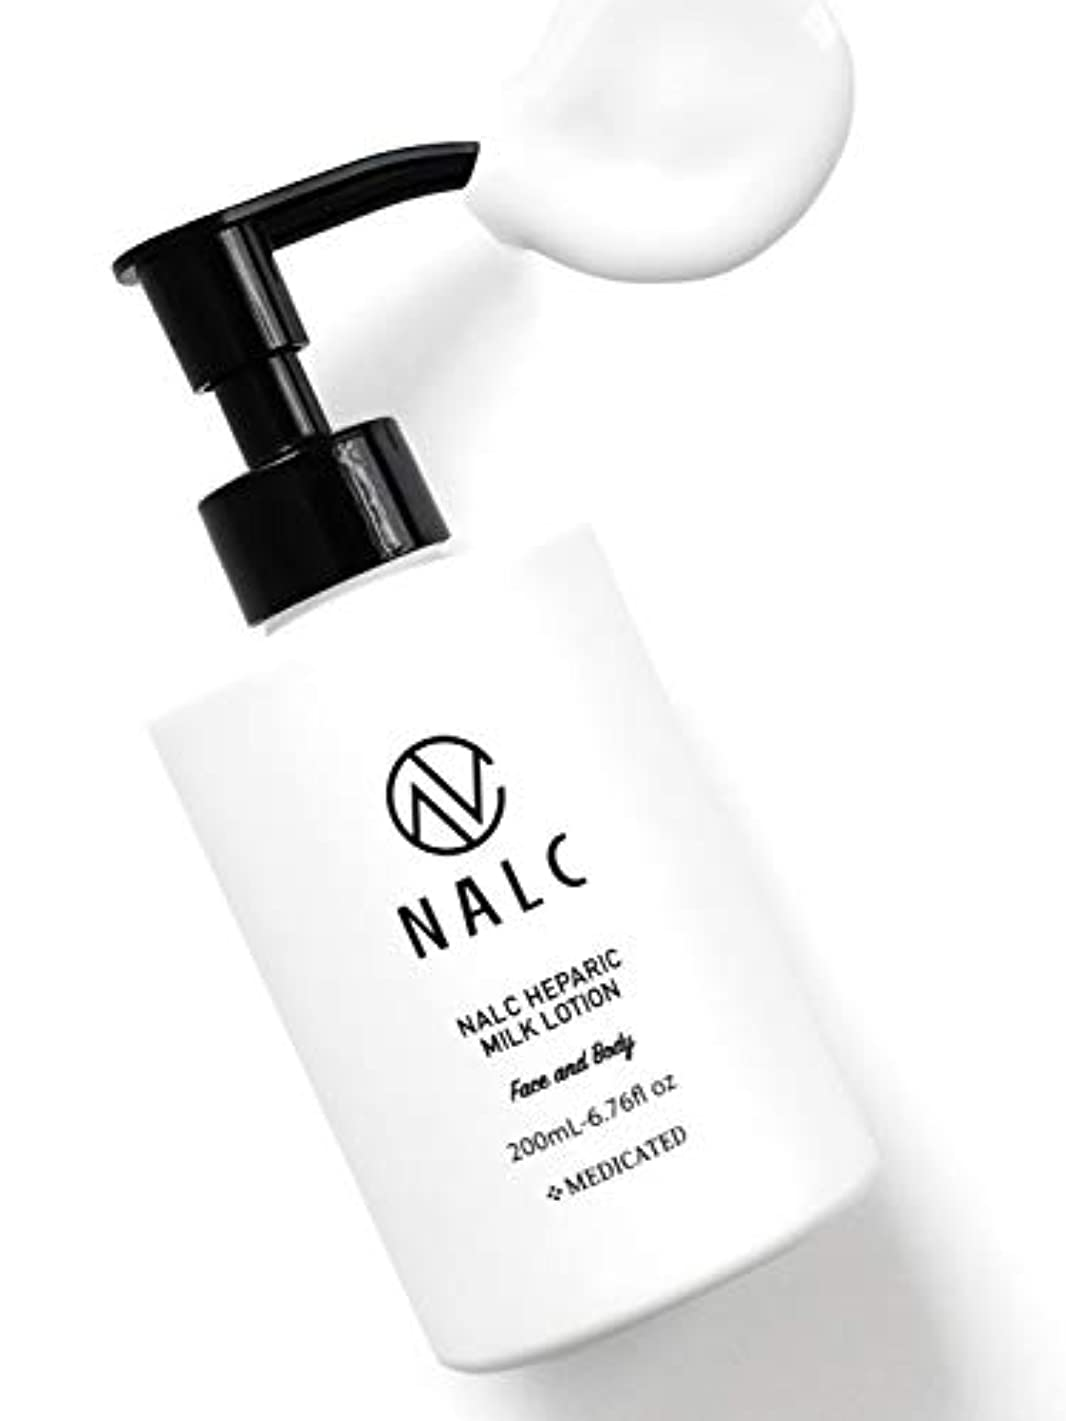 範囲活性化する毎回NALC ヘパリン 乳液 【乾燥肌の救世主-ヘパリン類似物質 配合-全身に使えるから ボディローション としてもオススメ】薬用 ヘパリン ミルクローション (顔 & 全身 用) 200mL ボディクリーム ハンドクリーム ボディミルク ポンプ式 ニキビ を防ぐ